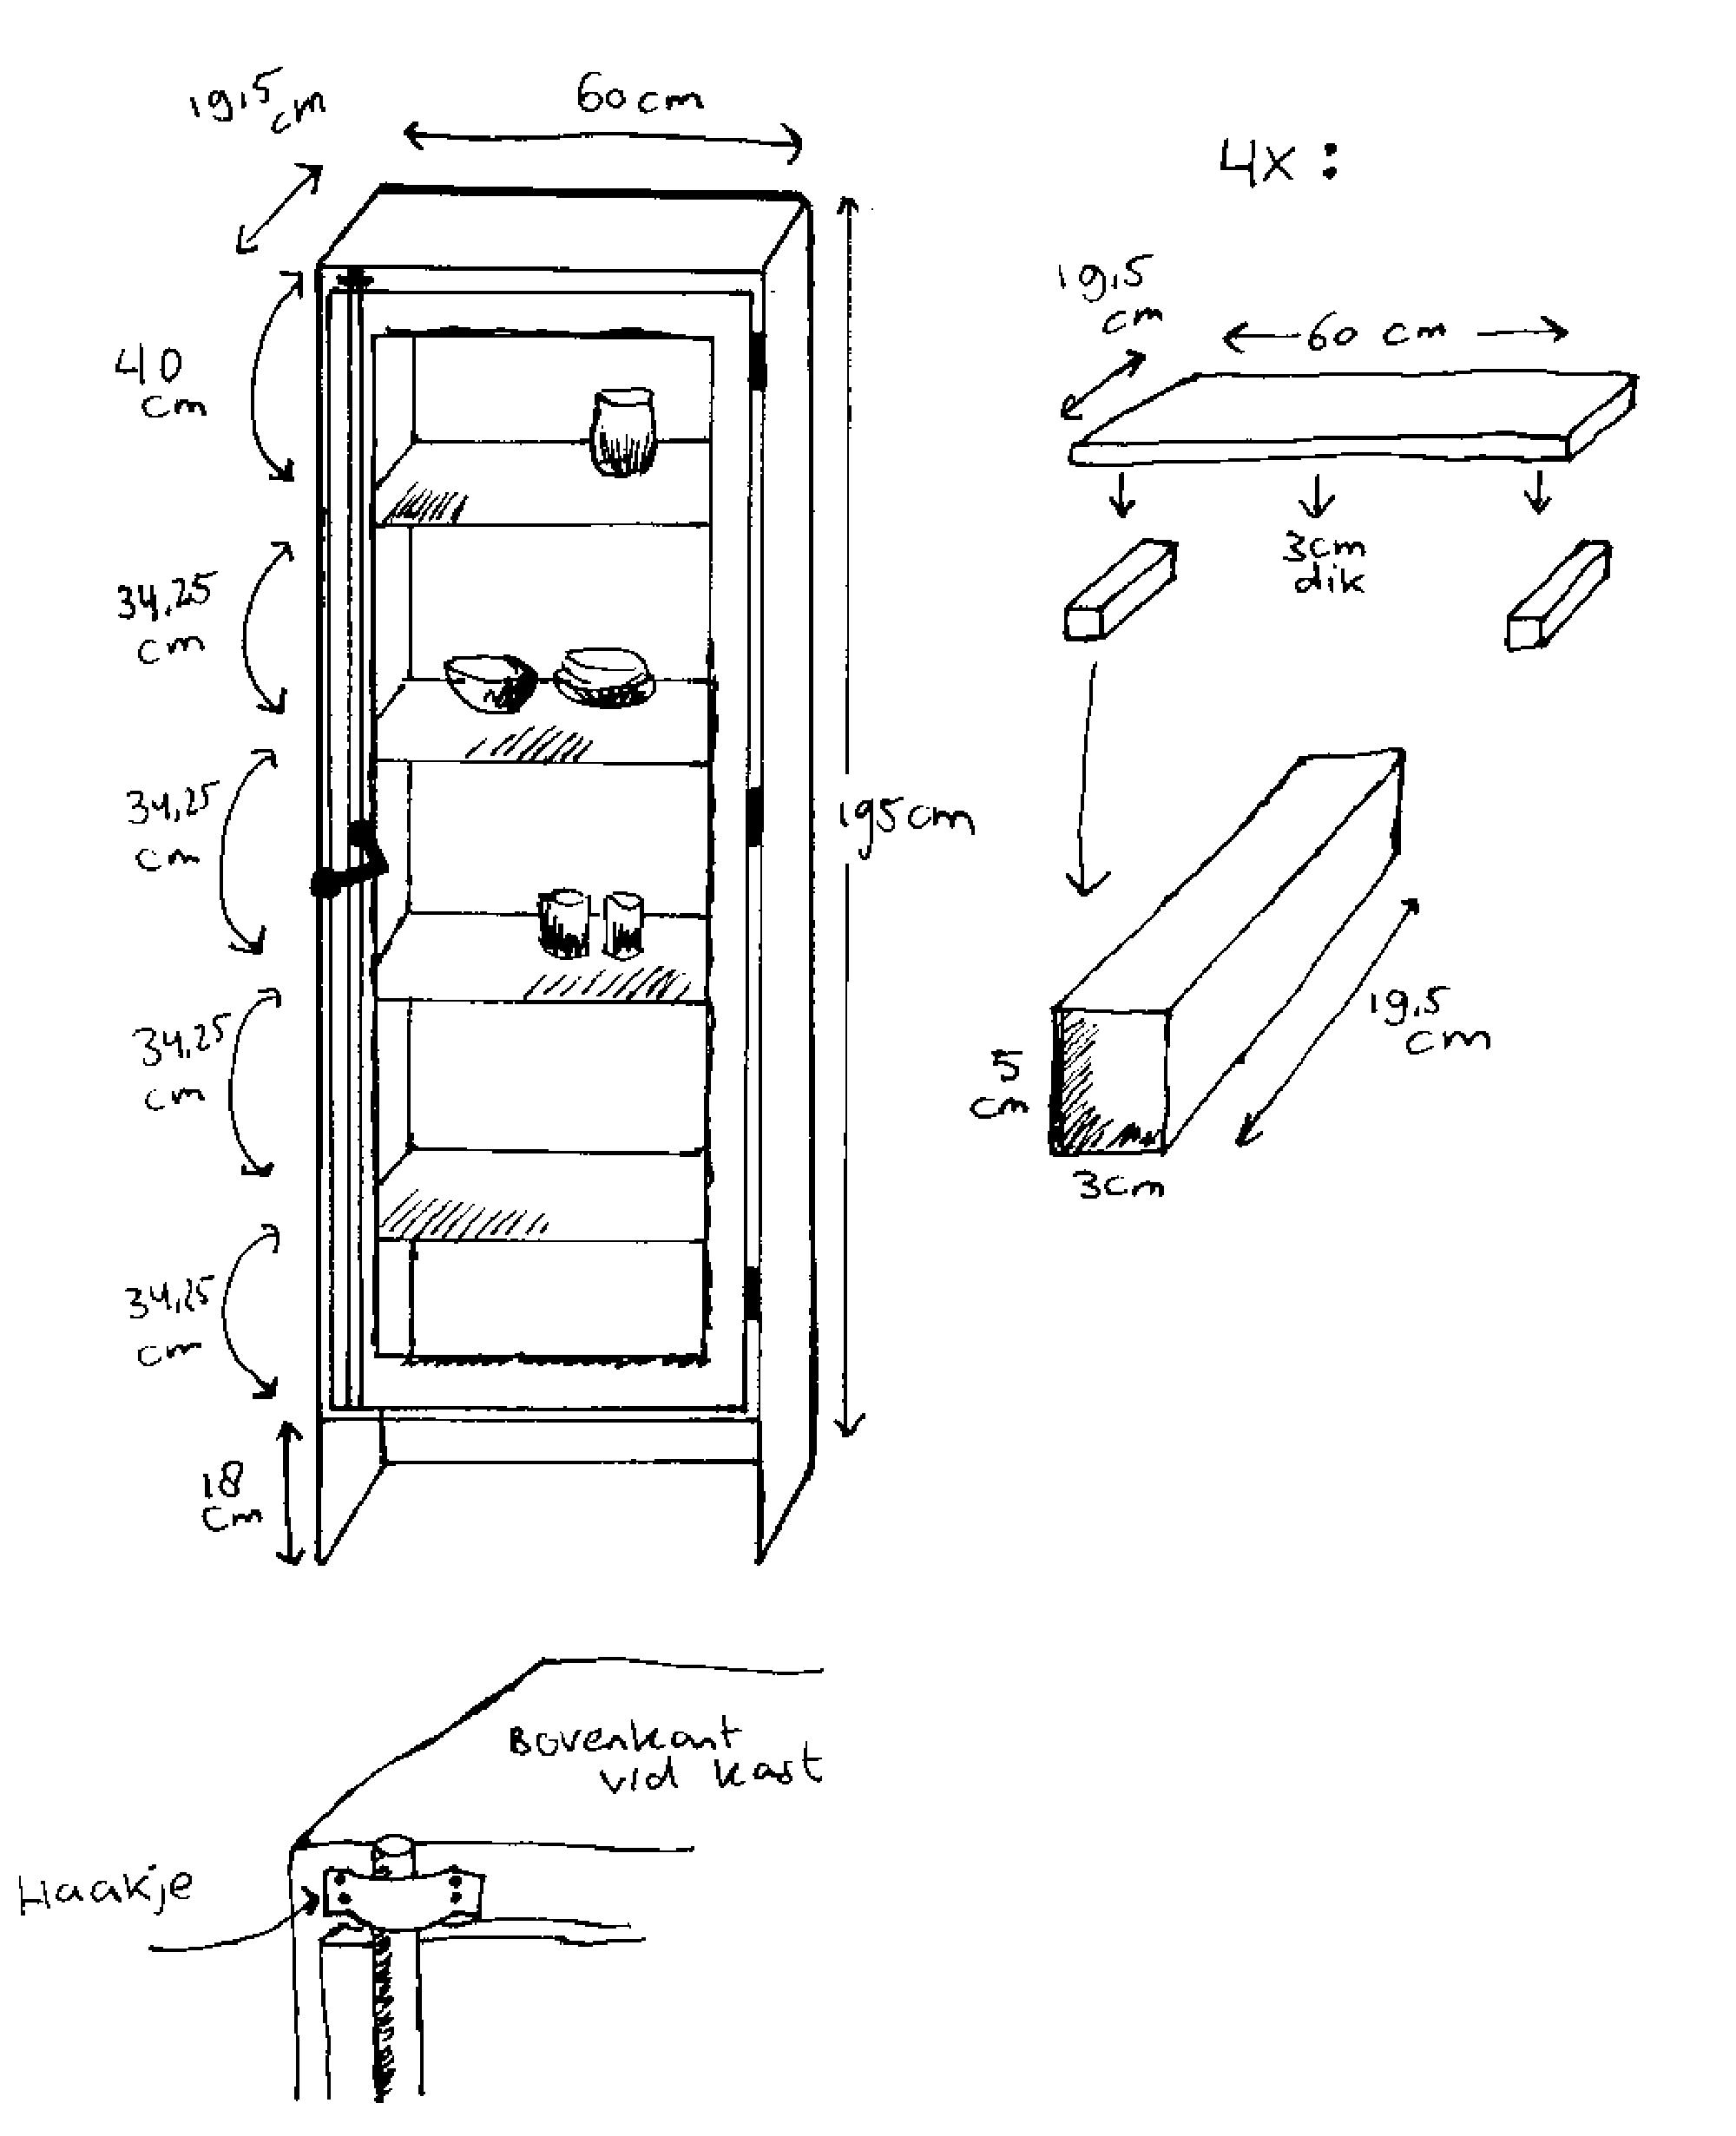 bouwtekening ></p> <h2>Benodigdheden</h2> <p>Voor een vitrinekast maken heb je nodig:</p> <ul> <li><span style=